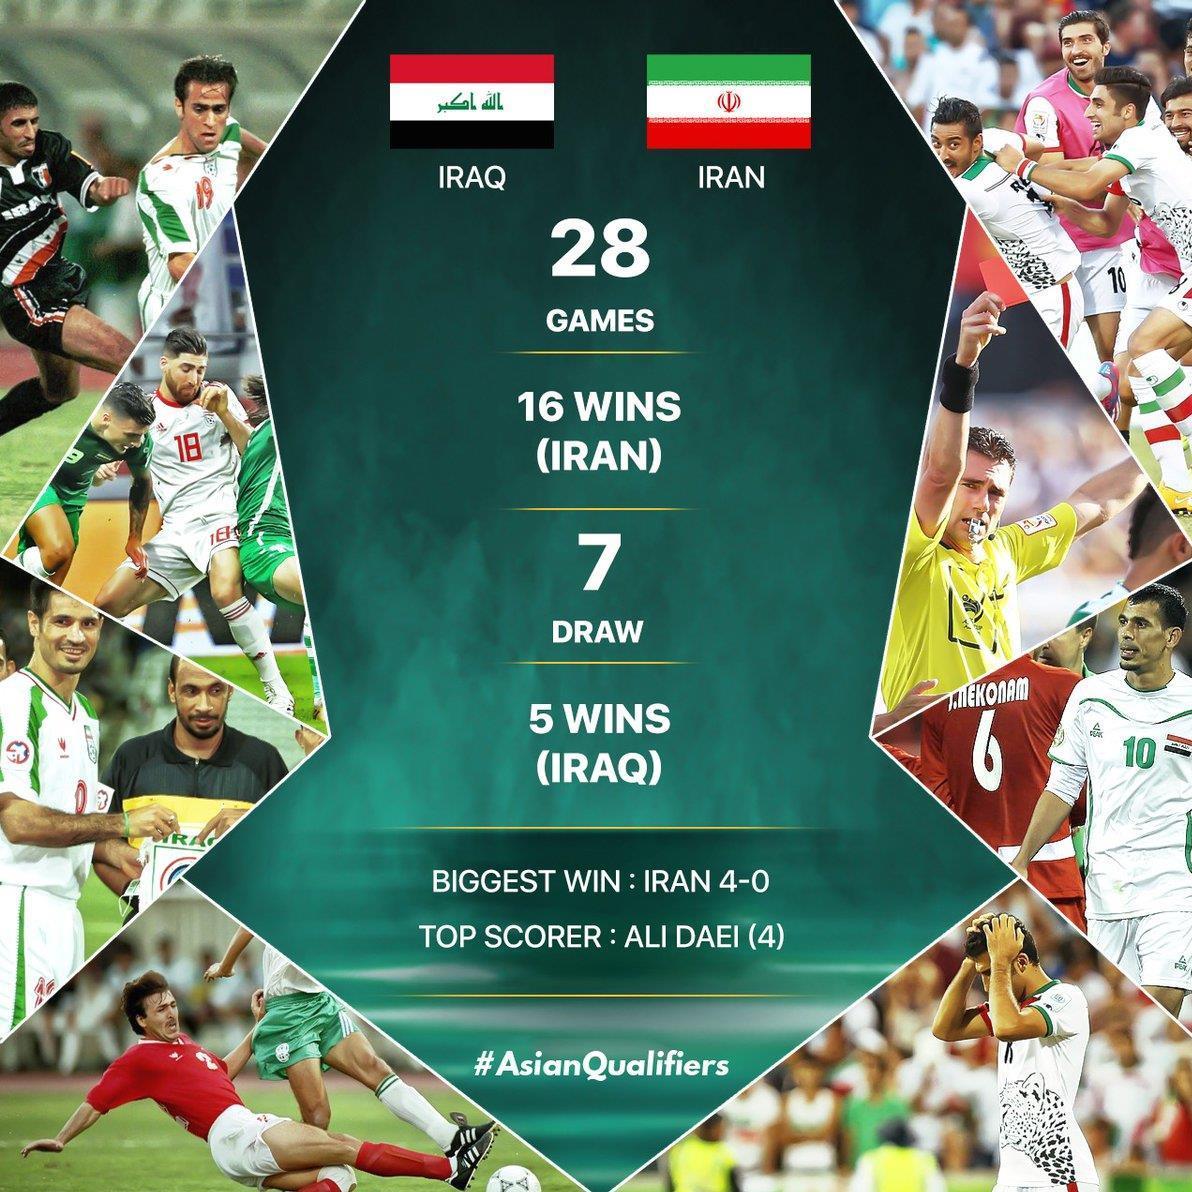 تیم ملی فوتبال عراق , تیم ملی فوتبال ایران , جام جهانی 2022 قطر , جام ملتهای آسیا , فوتبال ,